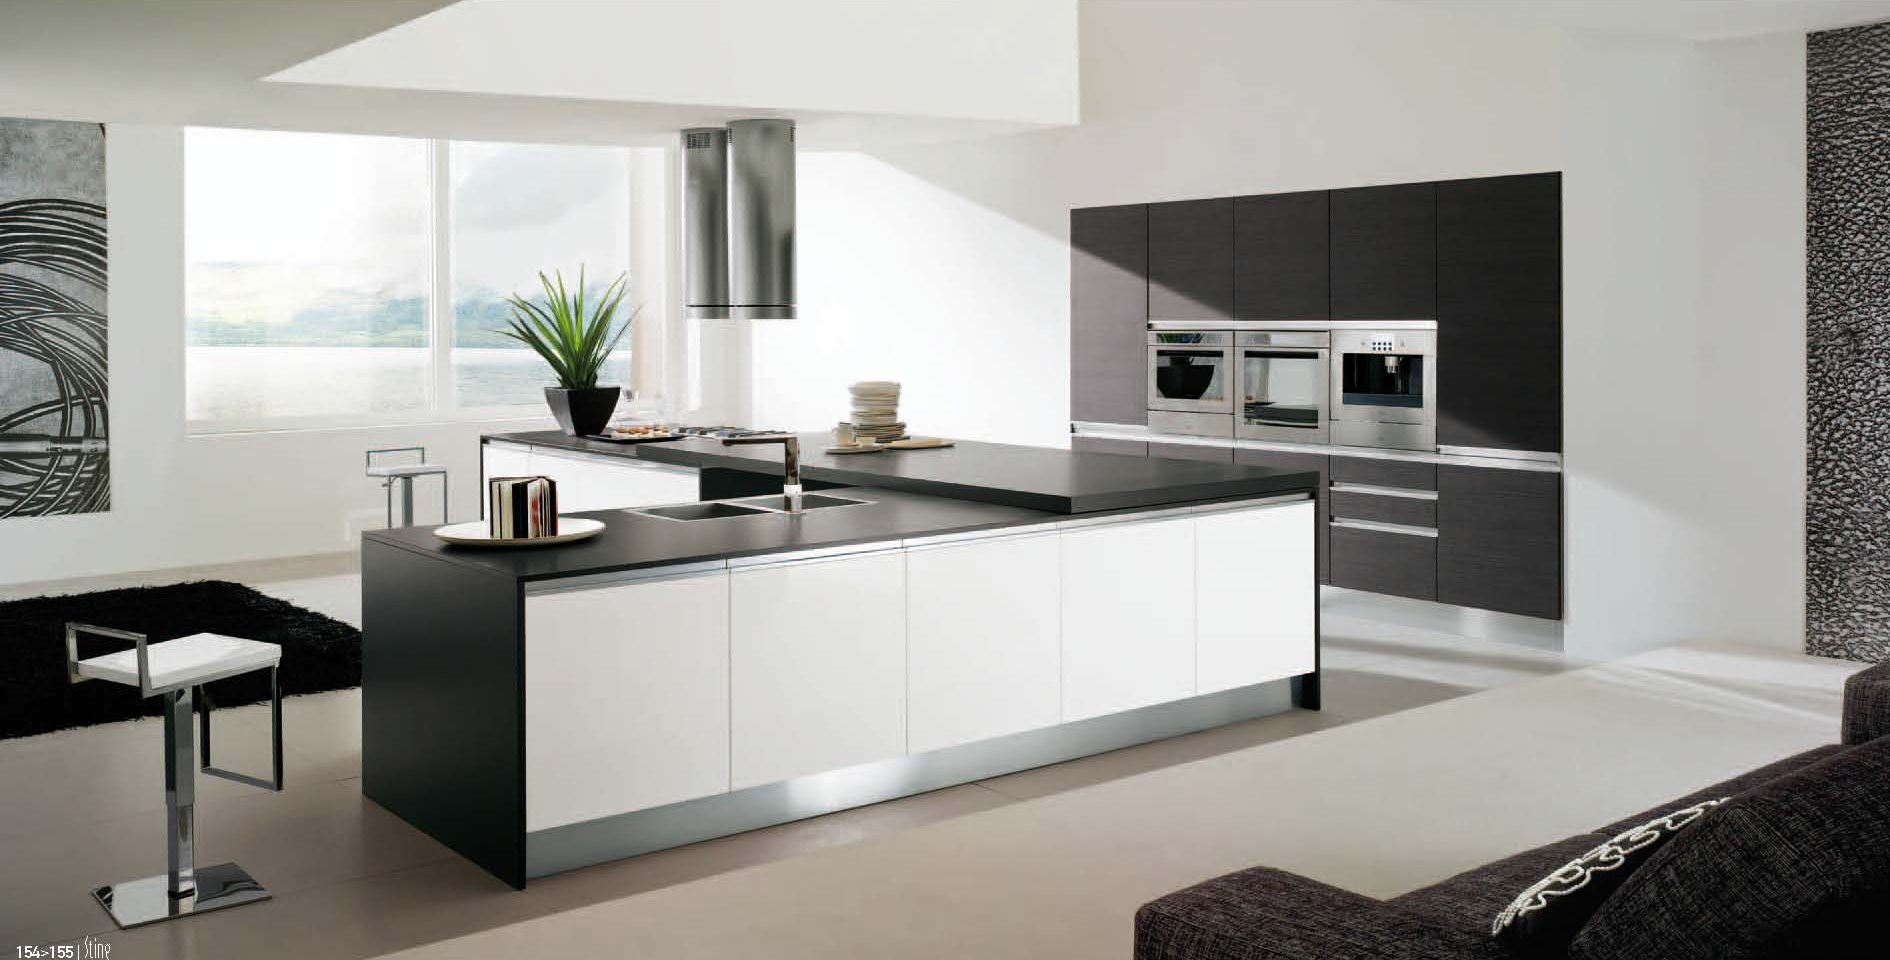 Cucina In Laminato Bianco Arredamento Moderno #726659 1890 960 Top Cucina In Laminato Opinioni